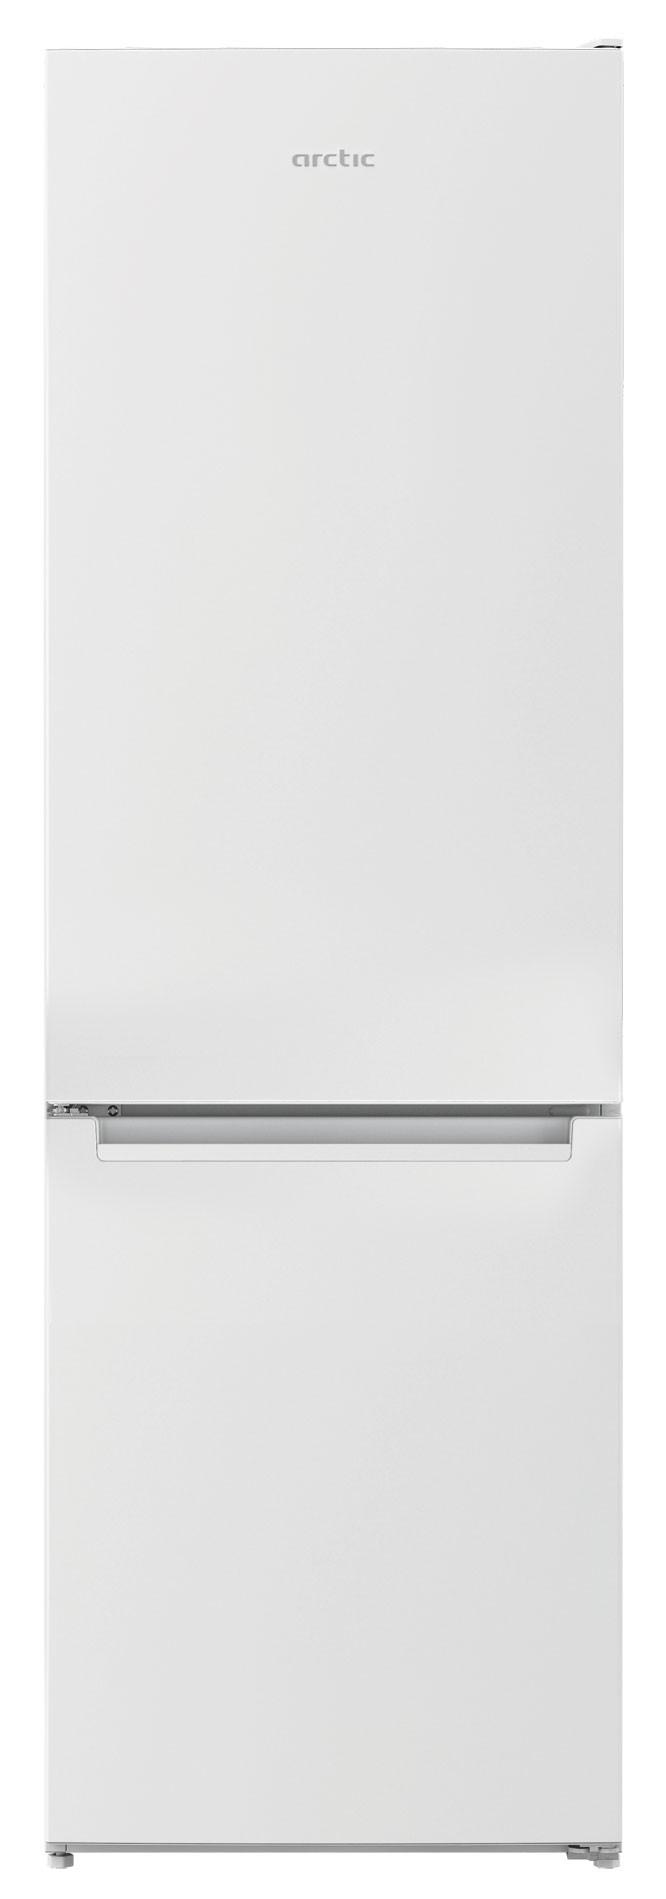 Combina frigorifica, Arctic, AK54270P+, 270 l, Clasa A+, H 170,7 cm, Alb